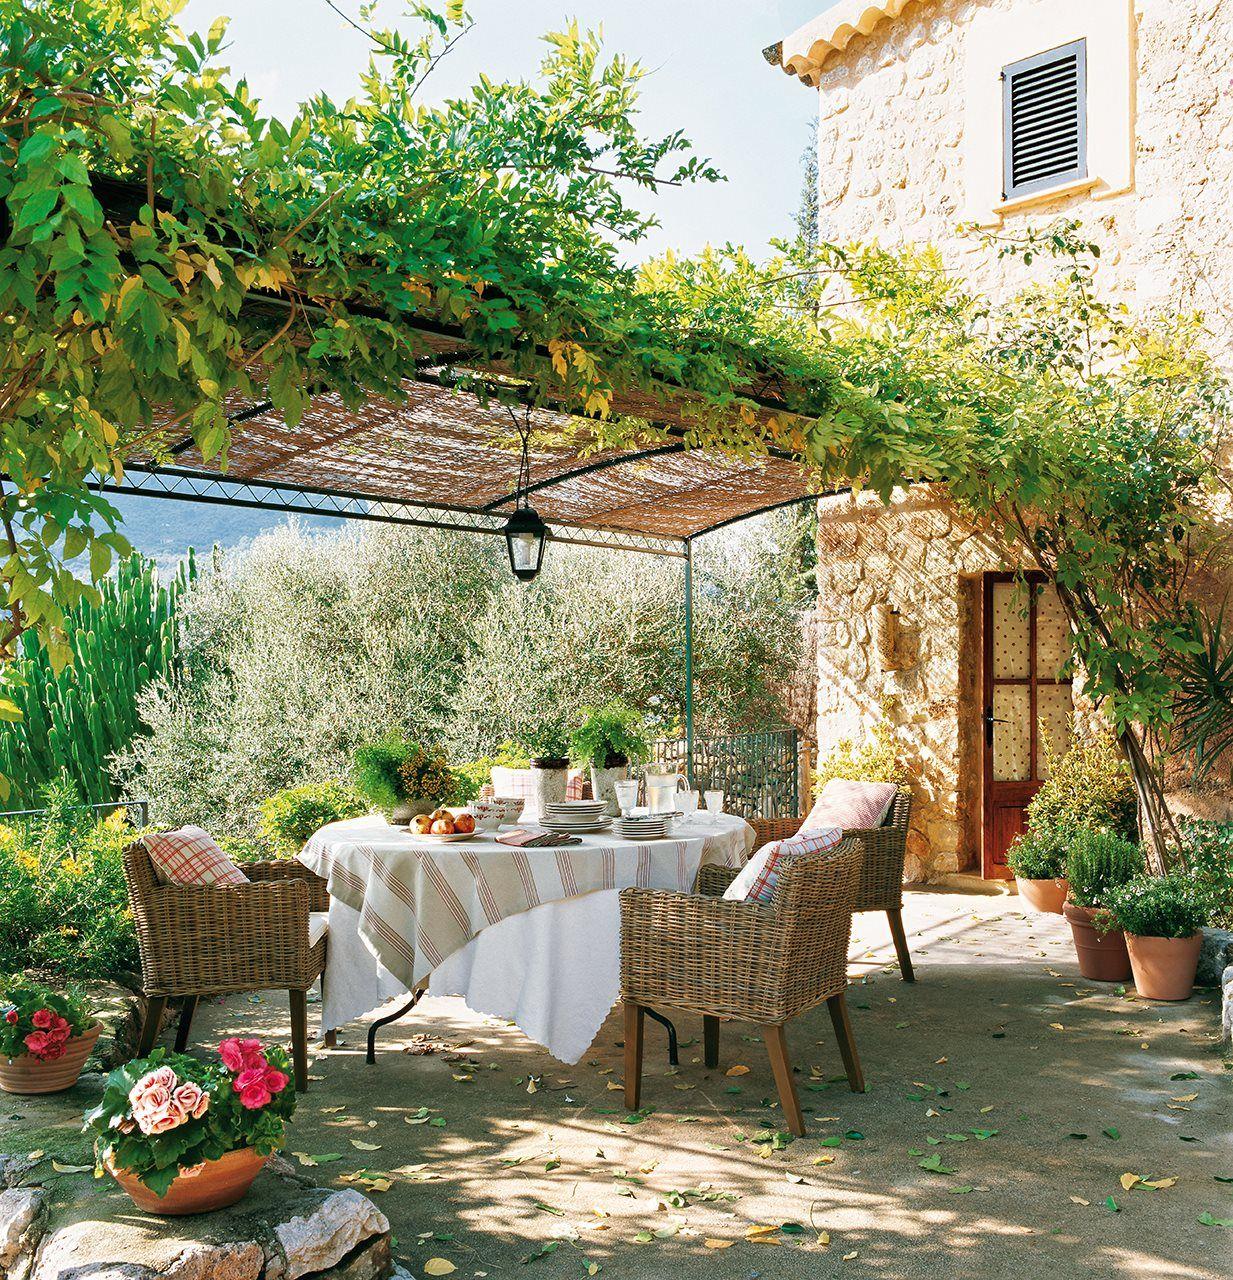 15 comedores con encanto al aire libre - Casa al rustico ...